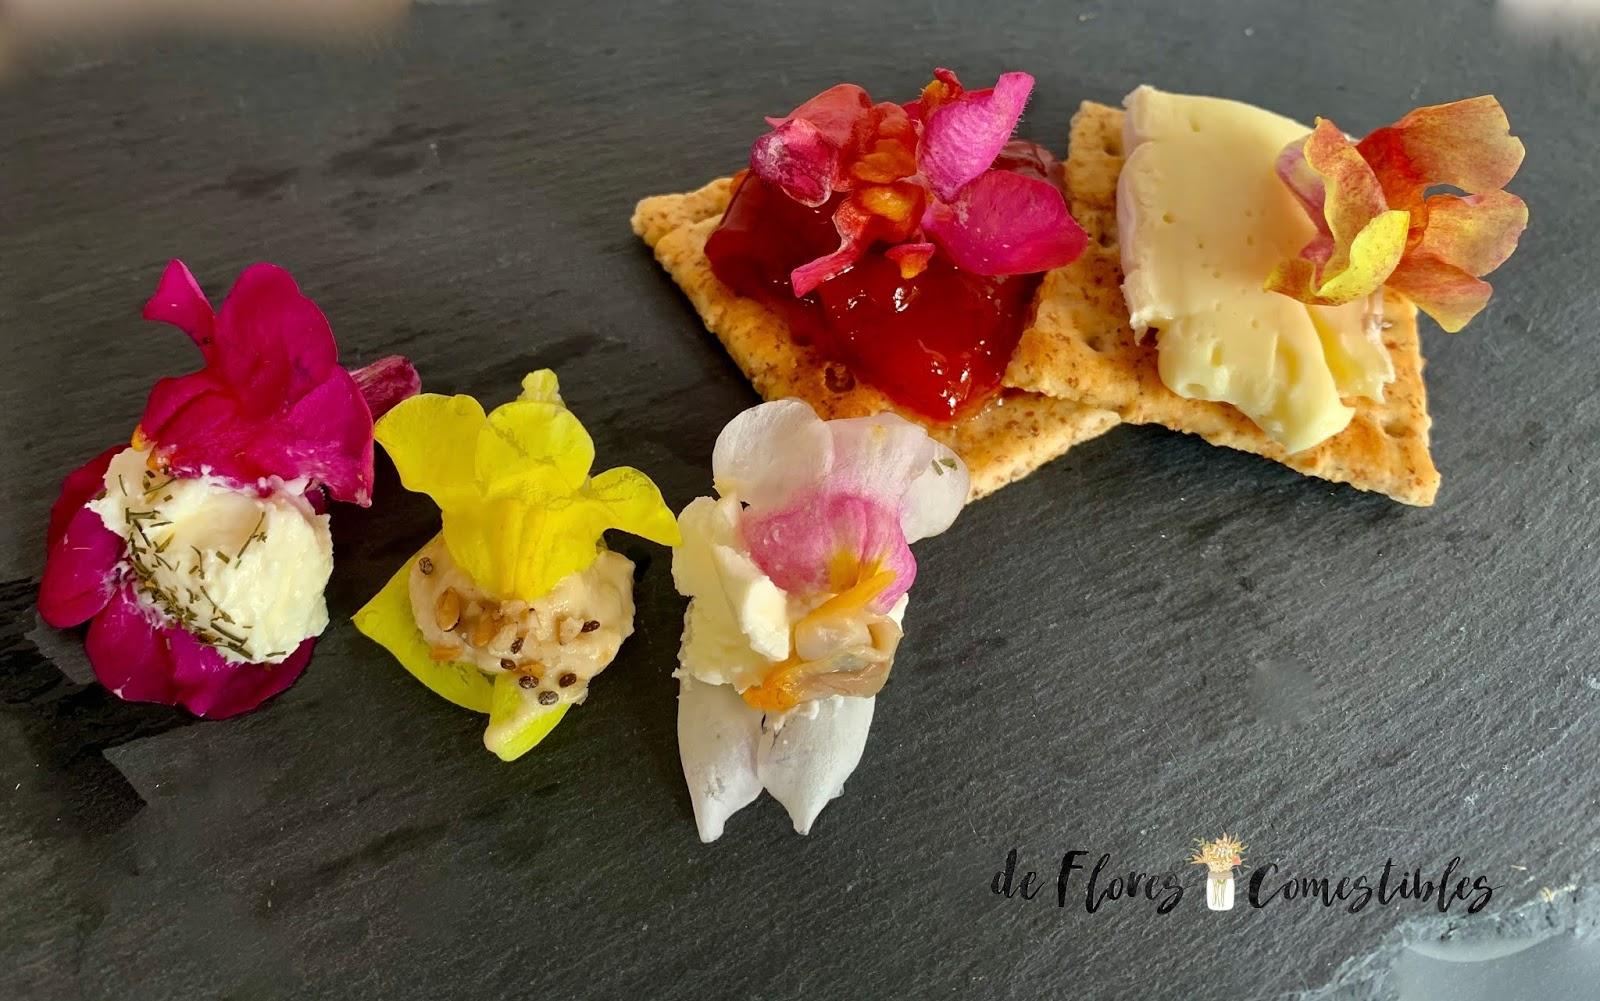 Canapés con queso philadelphia y flores